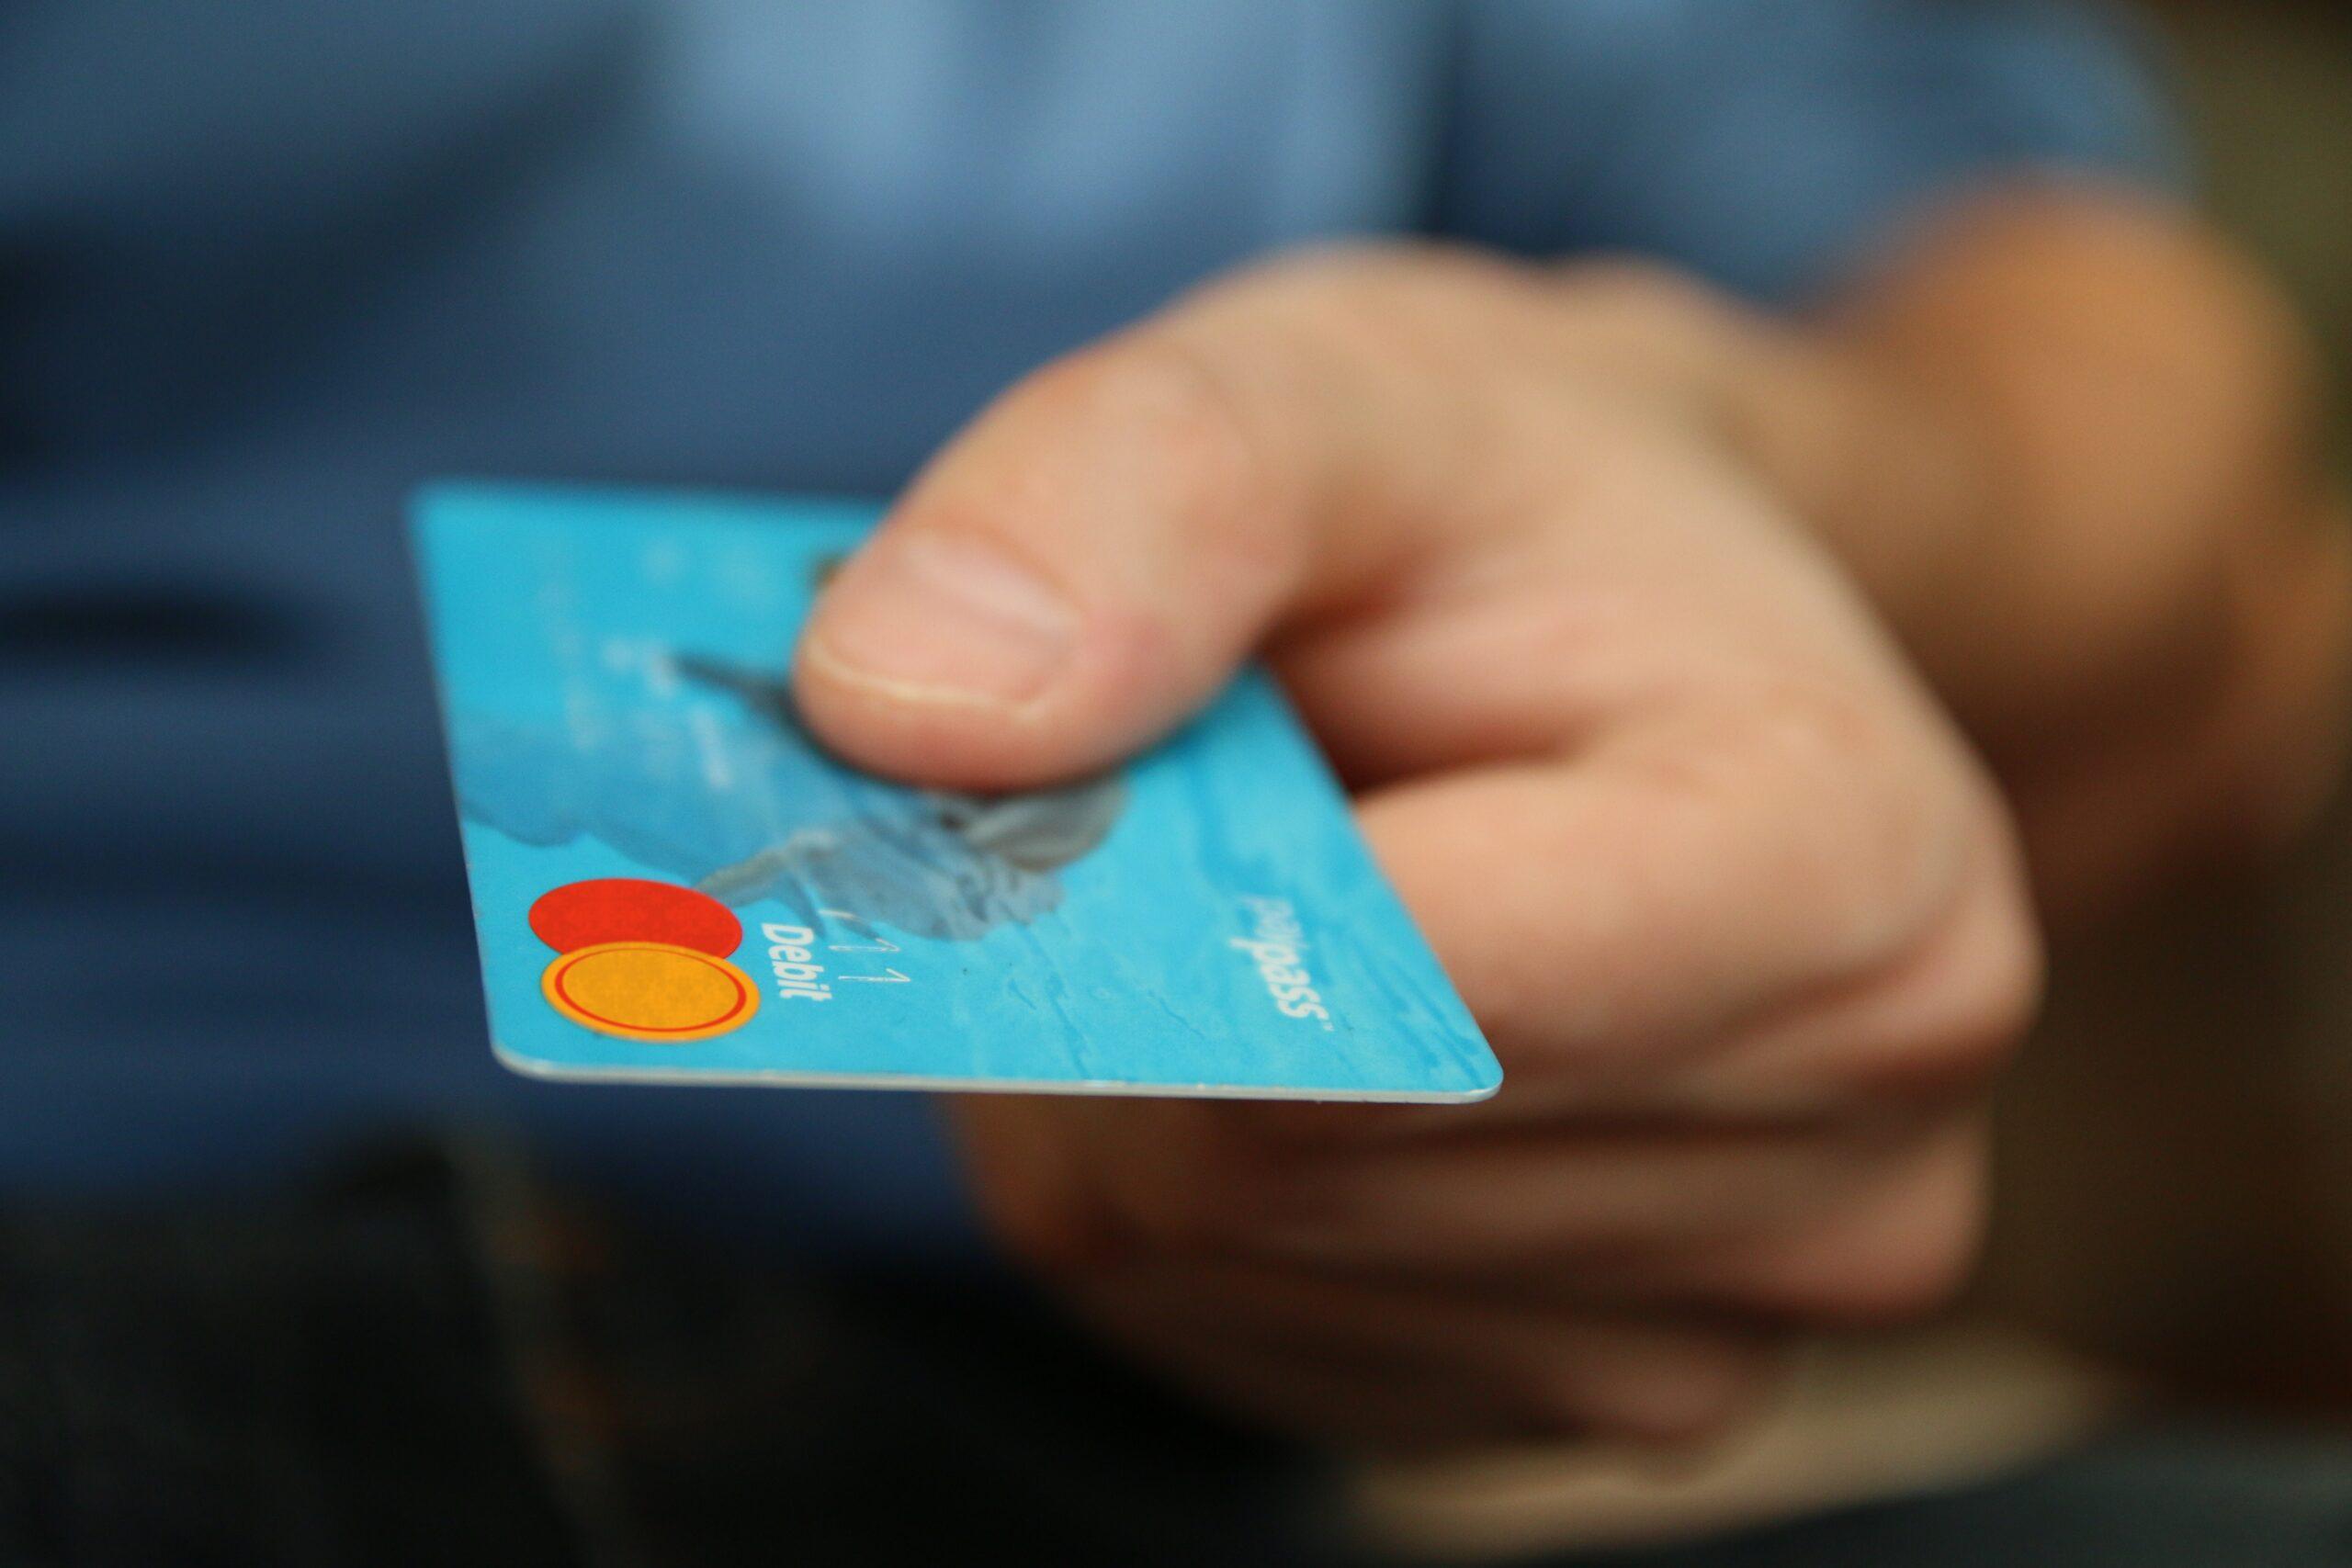 pignoramento carte prepagate